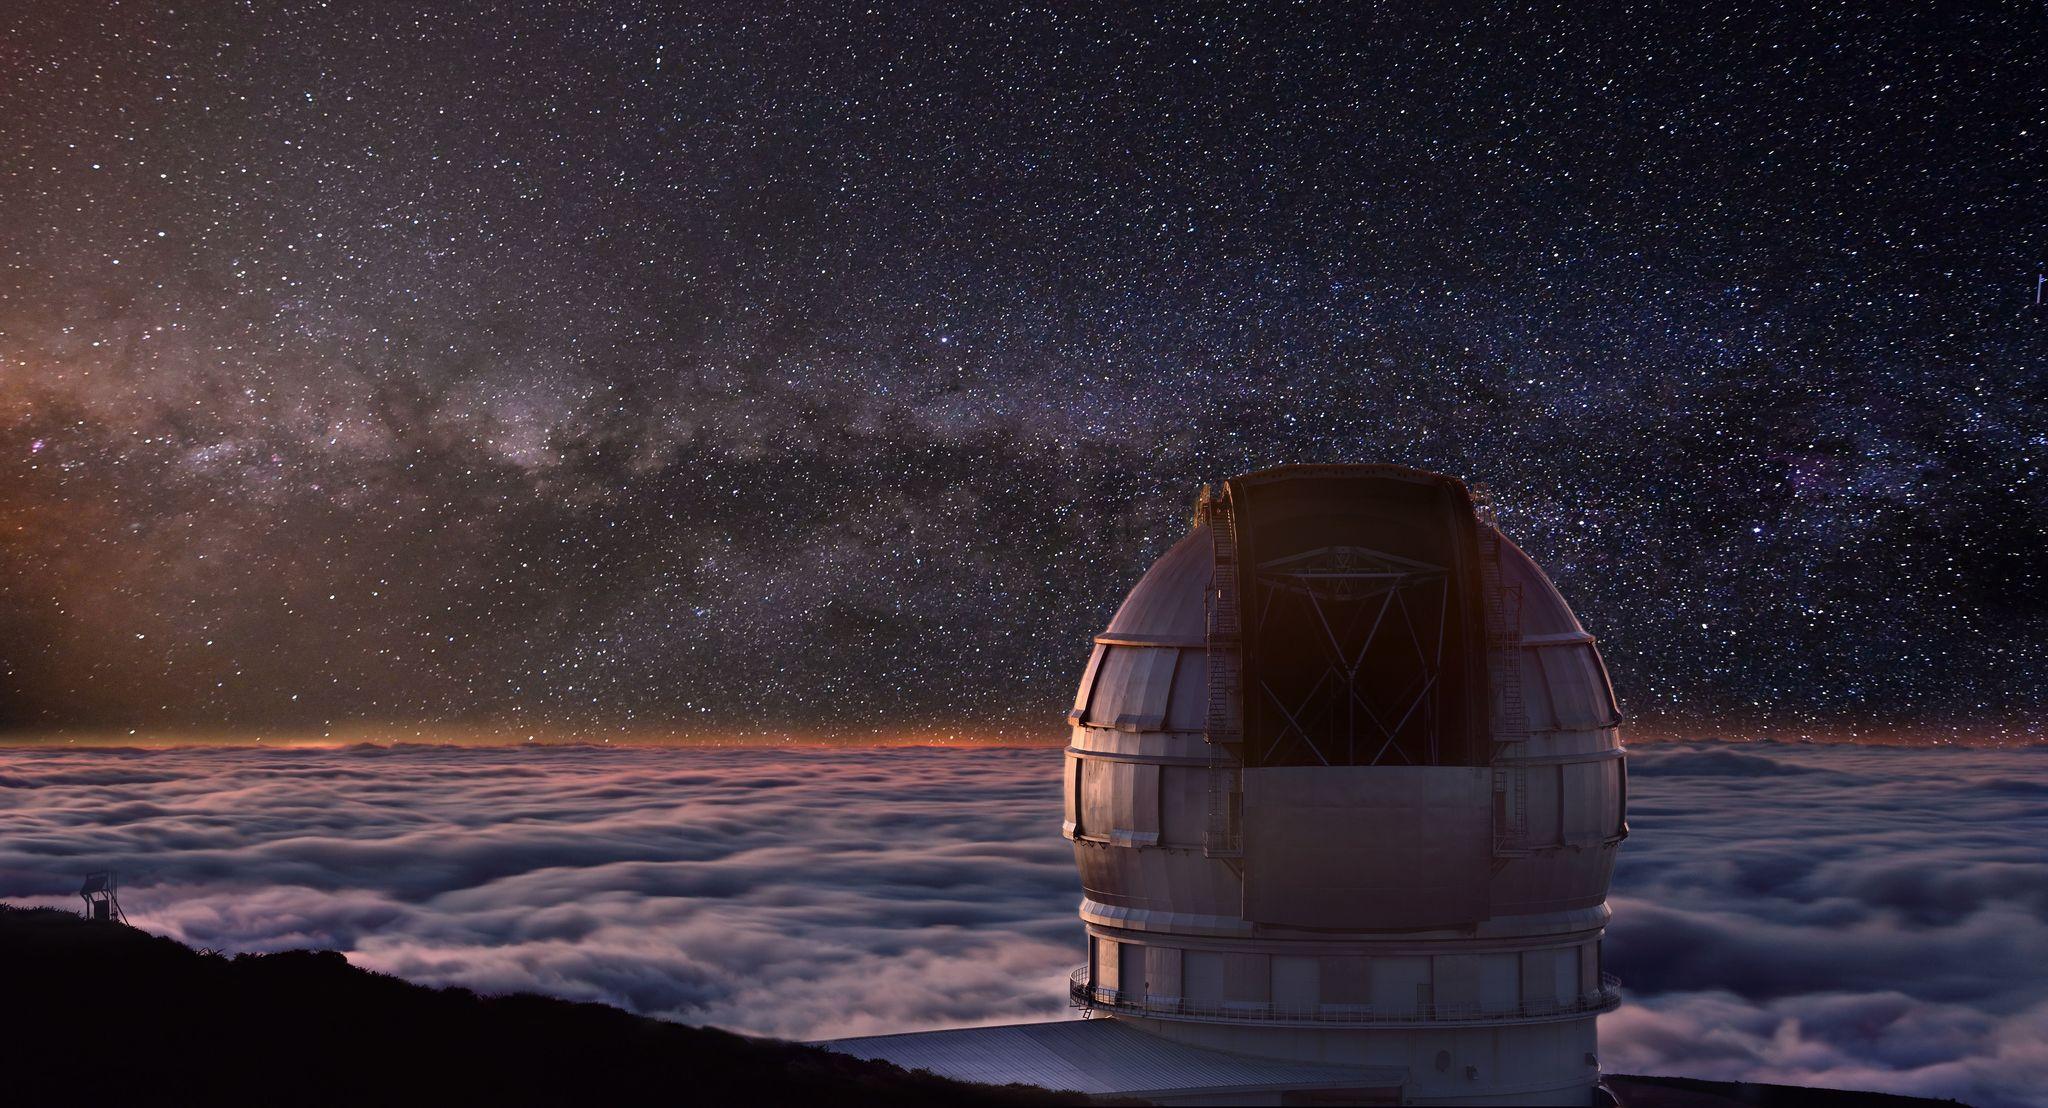 El Observatorio del Roque de los Muchachos.